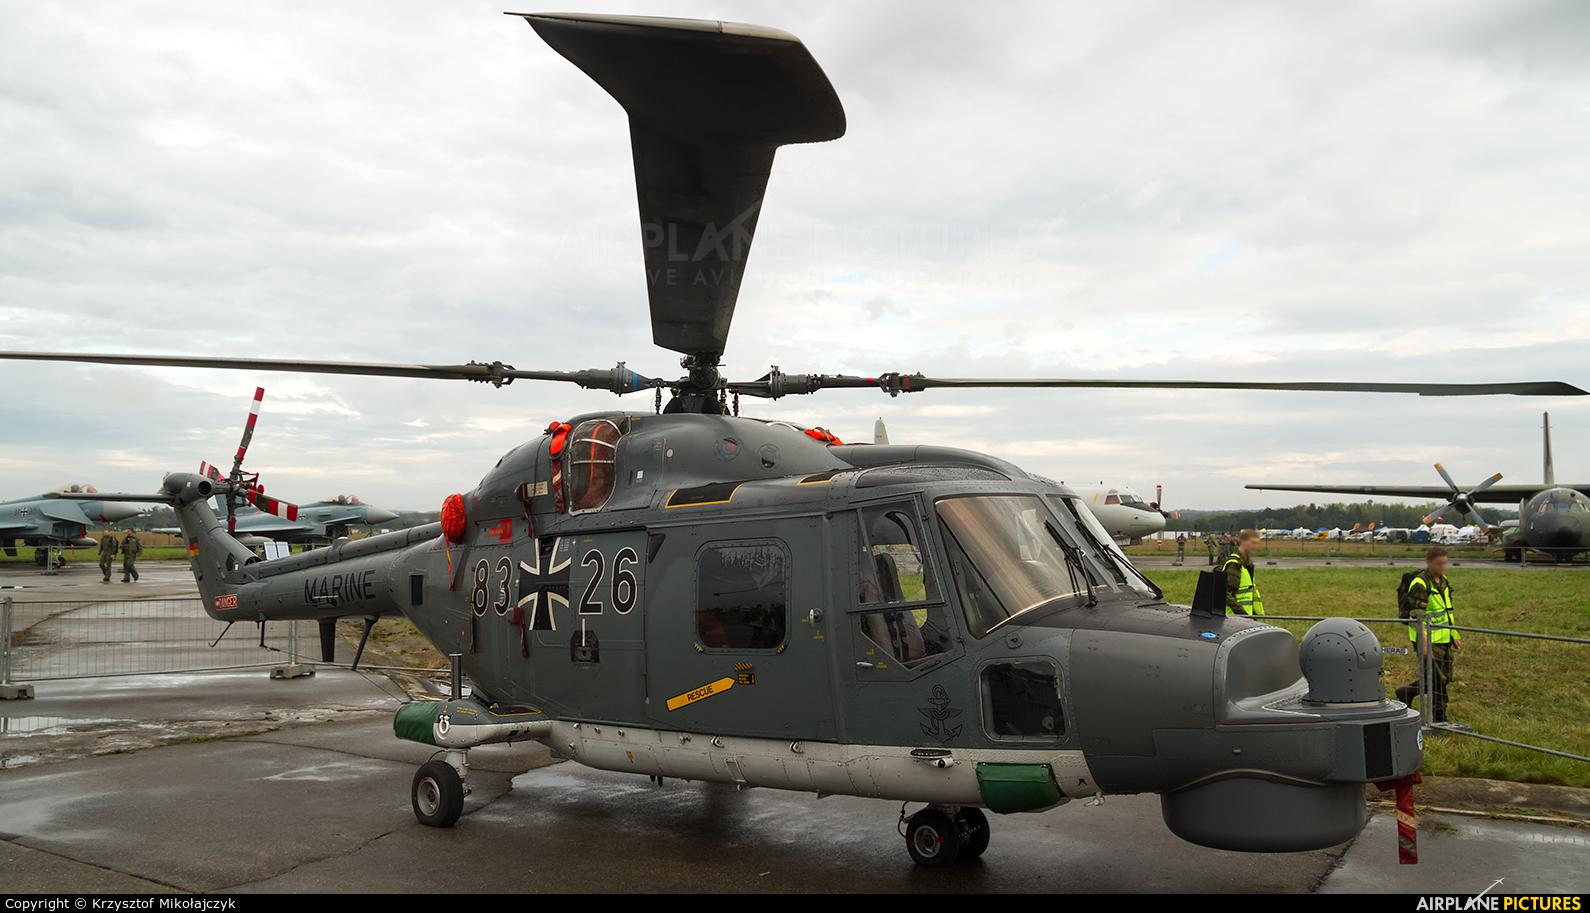 Germany - Navy 83+26 aircraft at Ostrava Mošnov